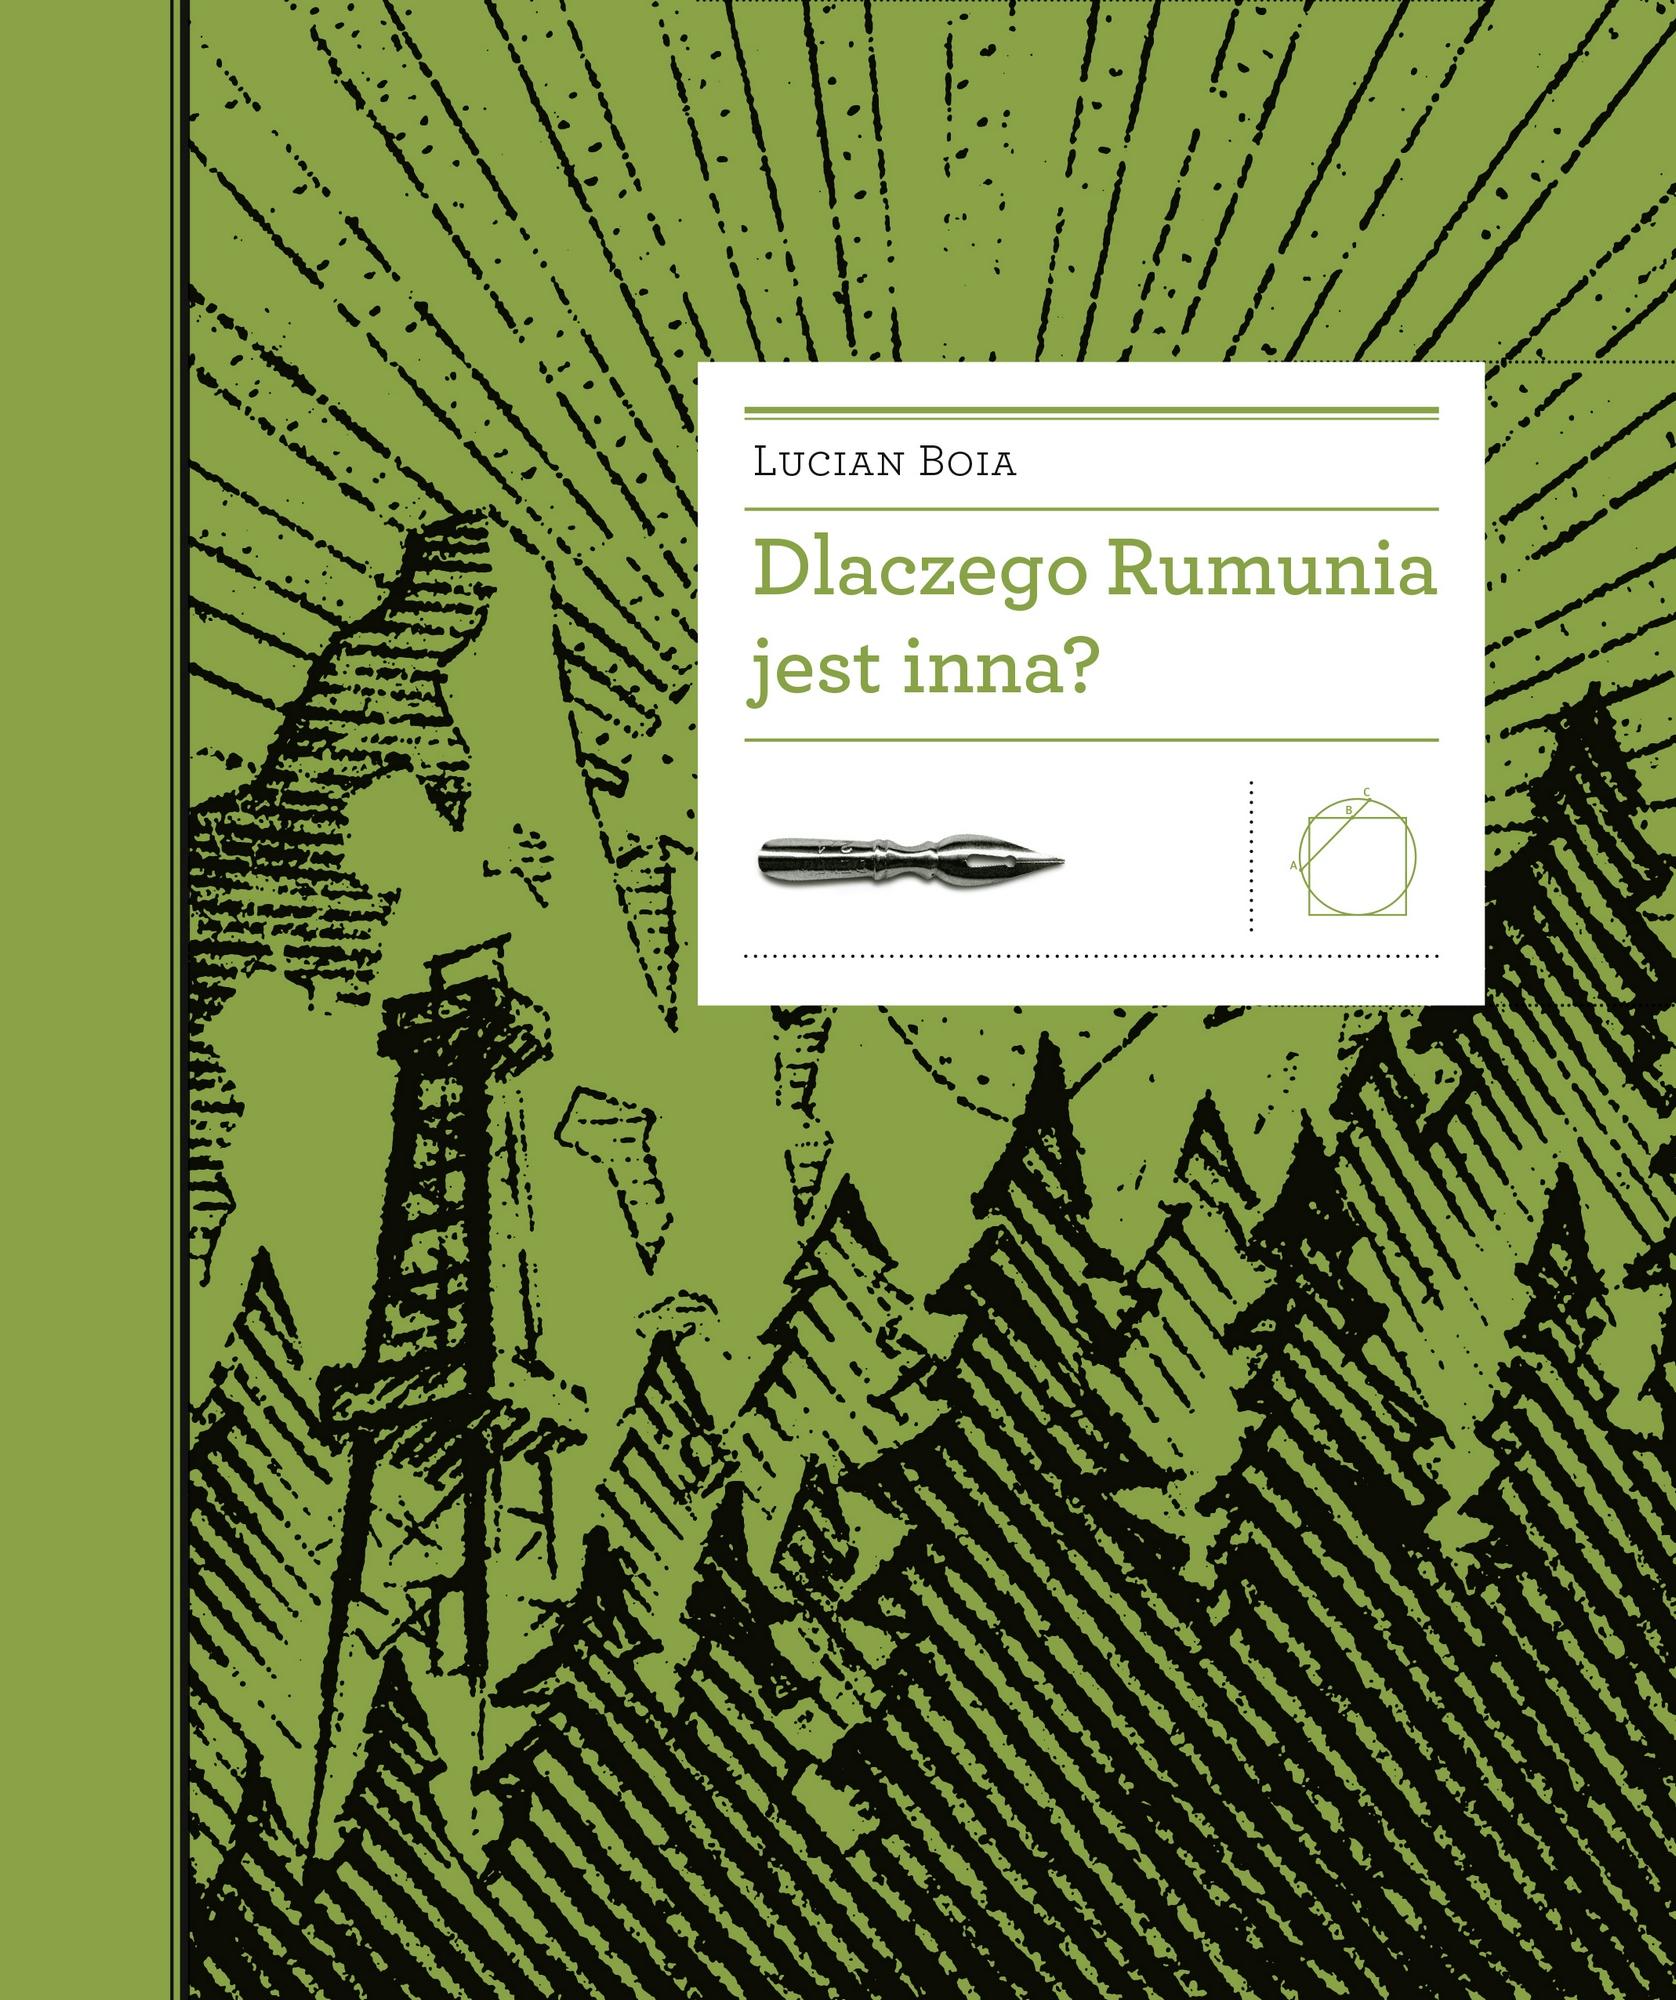 """Lucian Boia, """"Dlaczego Rumunia jest inna?"""" – okładka (źródło: materiały prasowe)"""